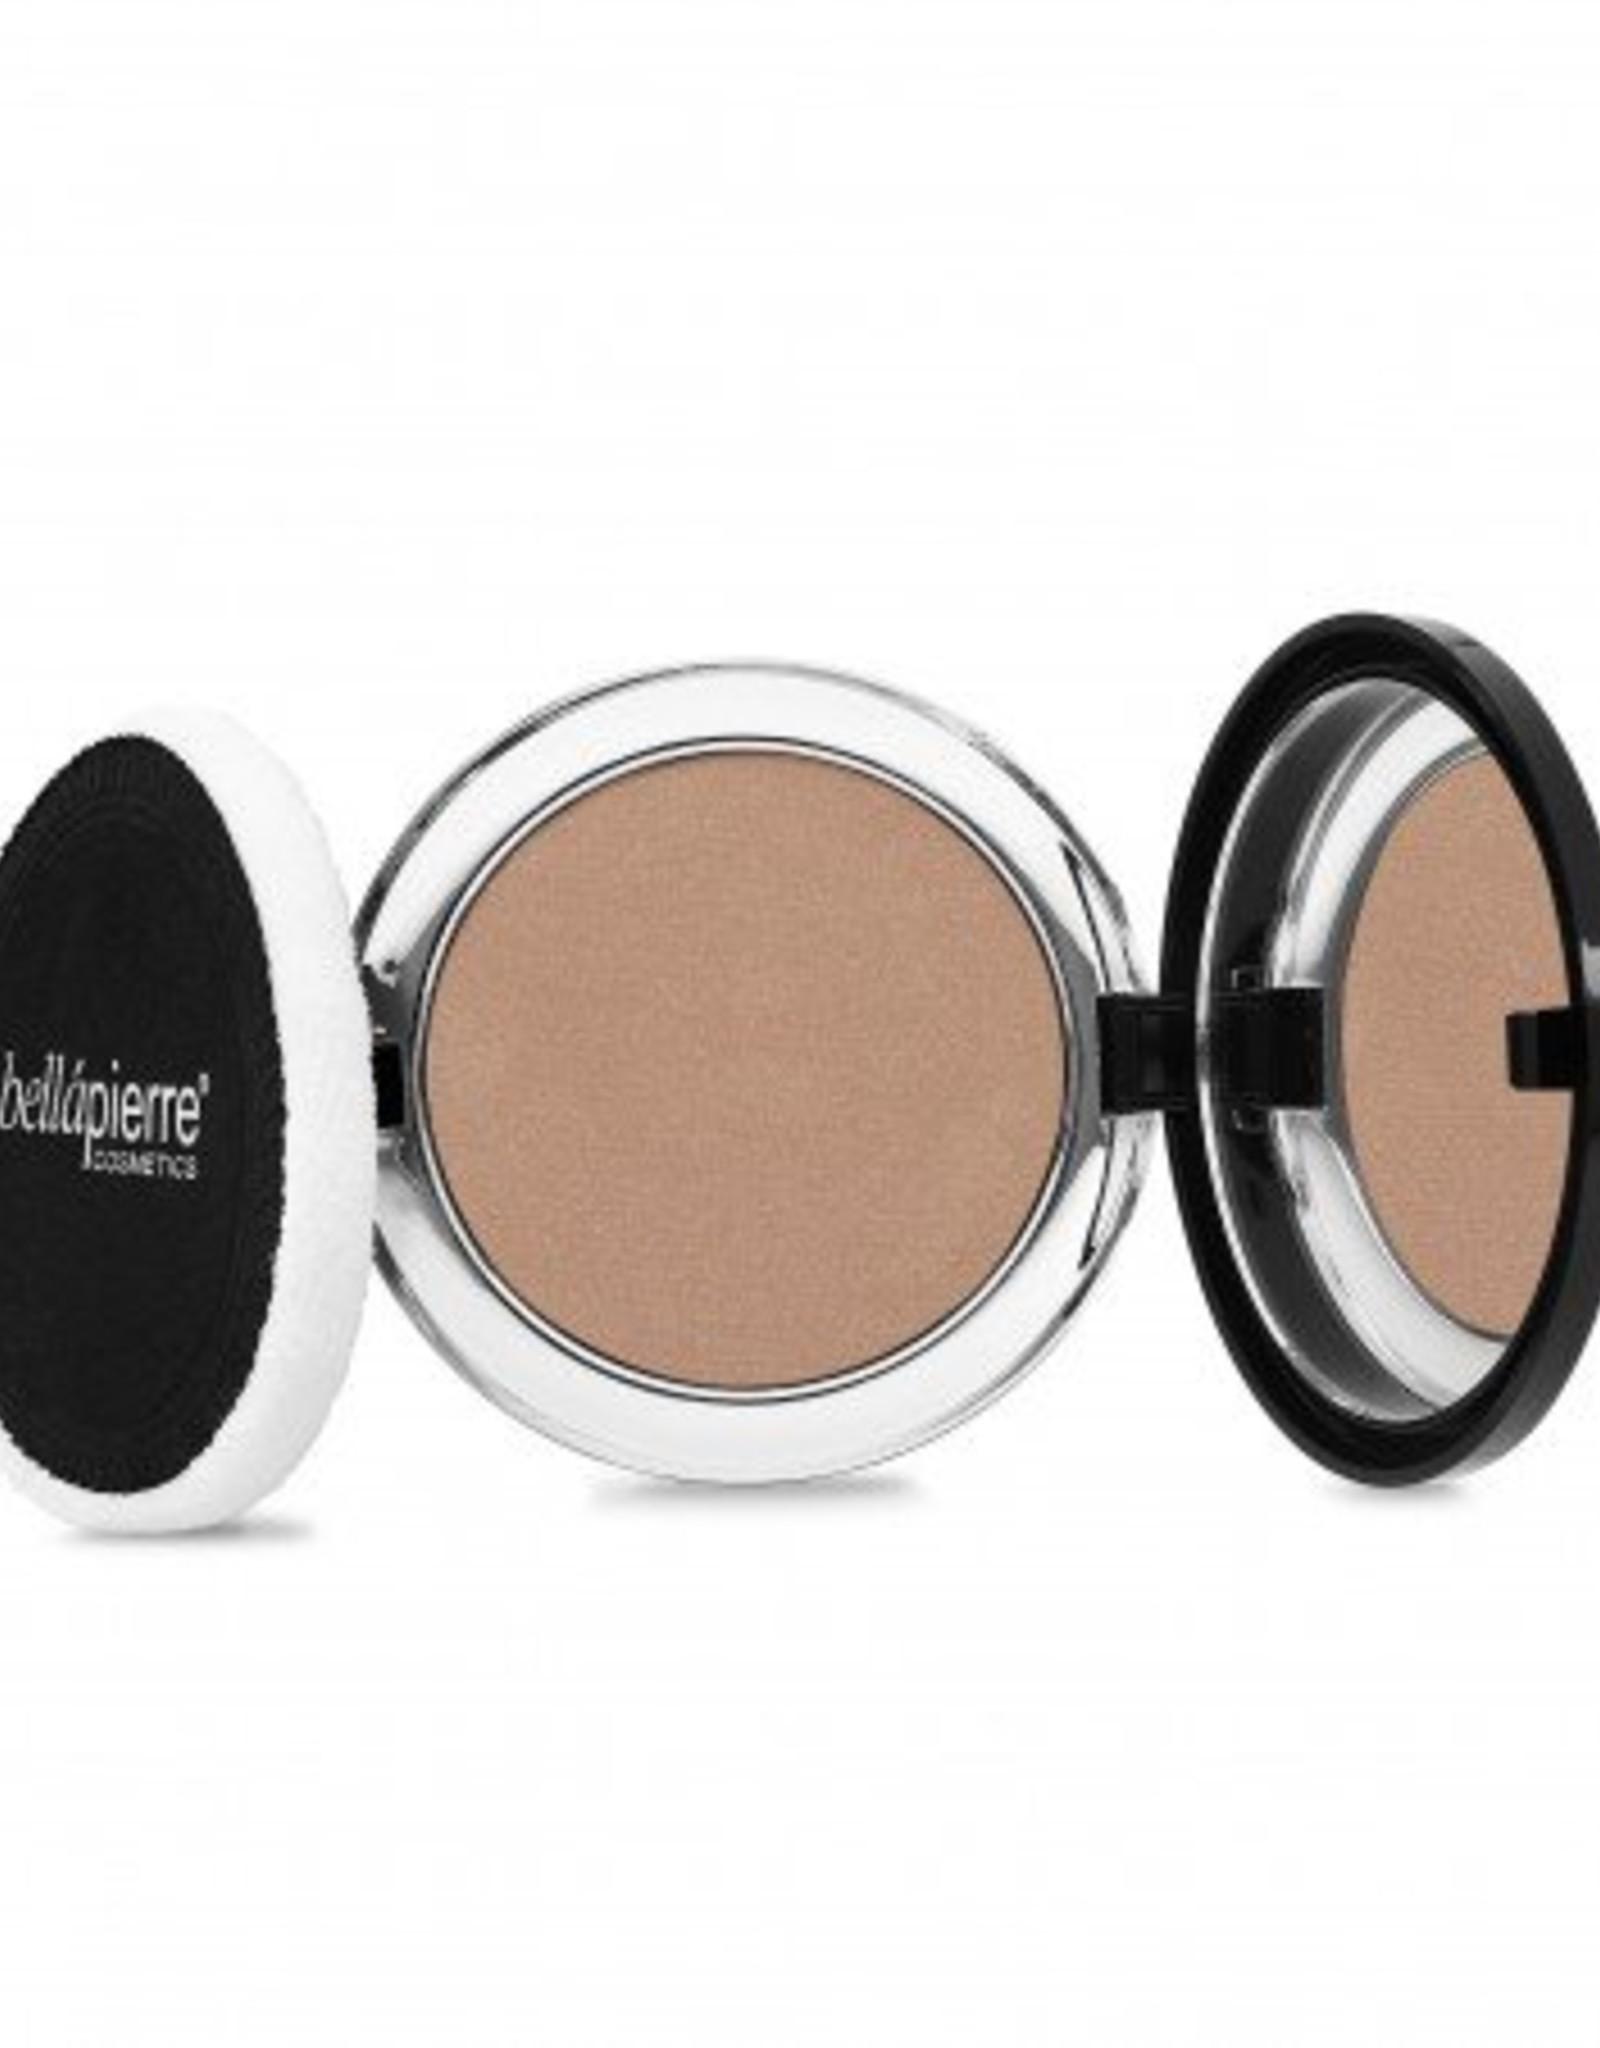 Bellápiere Bellápierre- bronzer - compact -  pure element